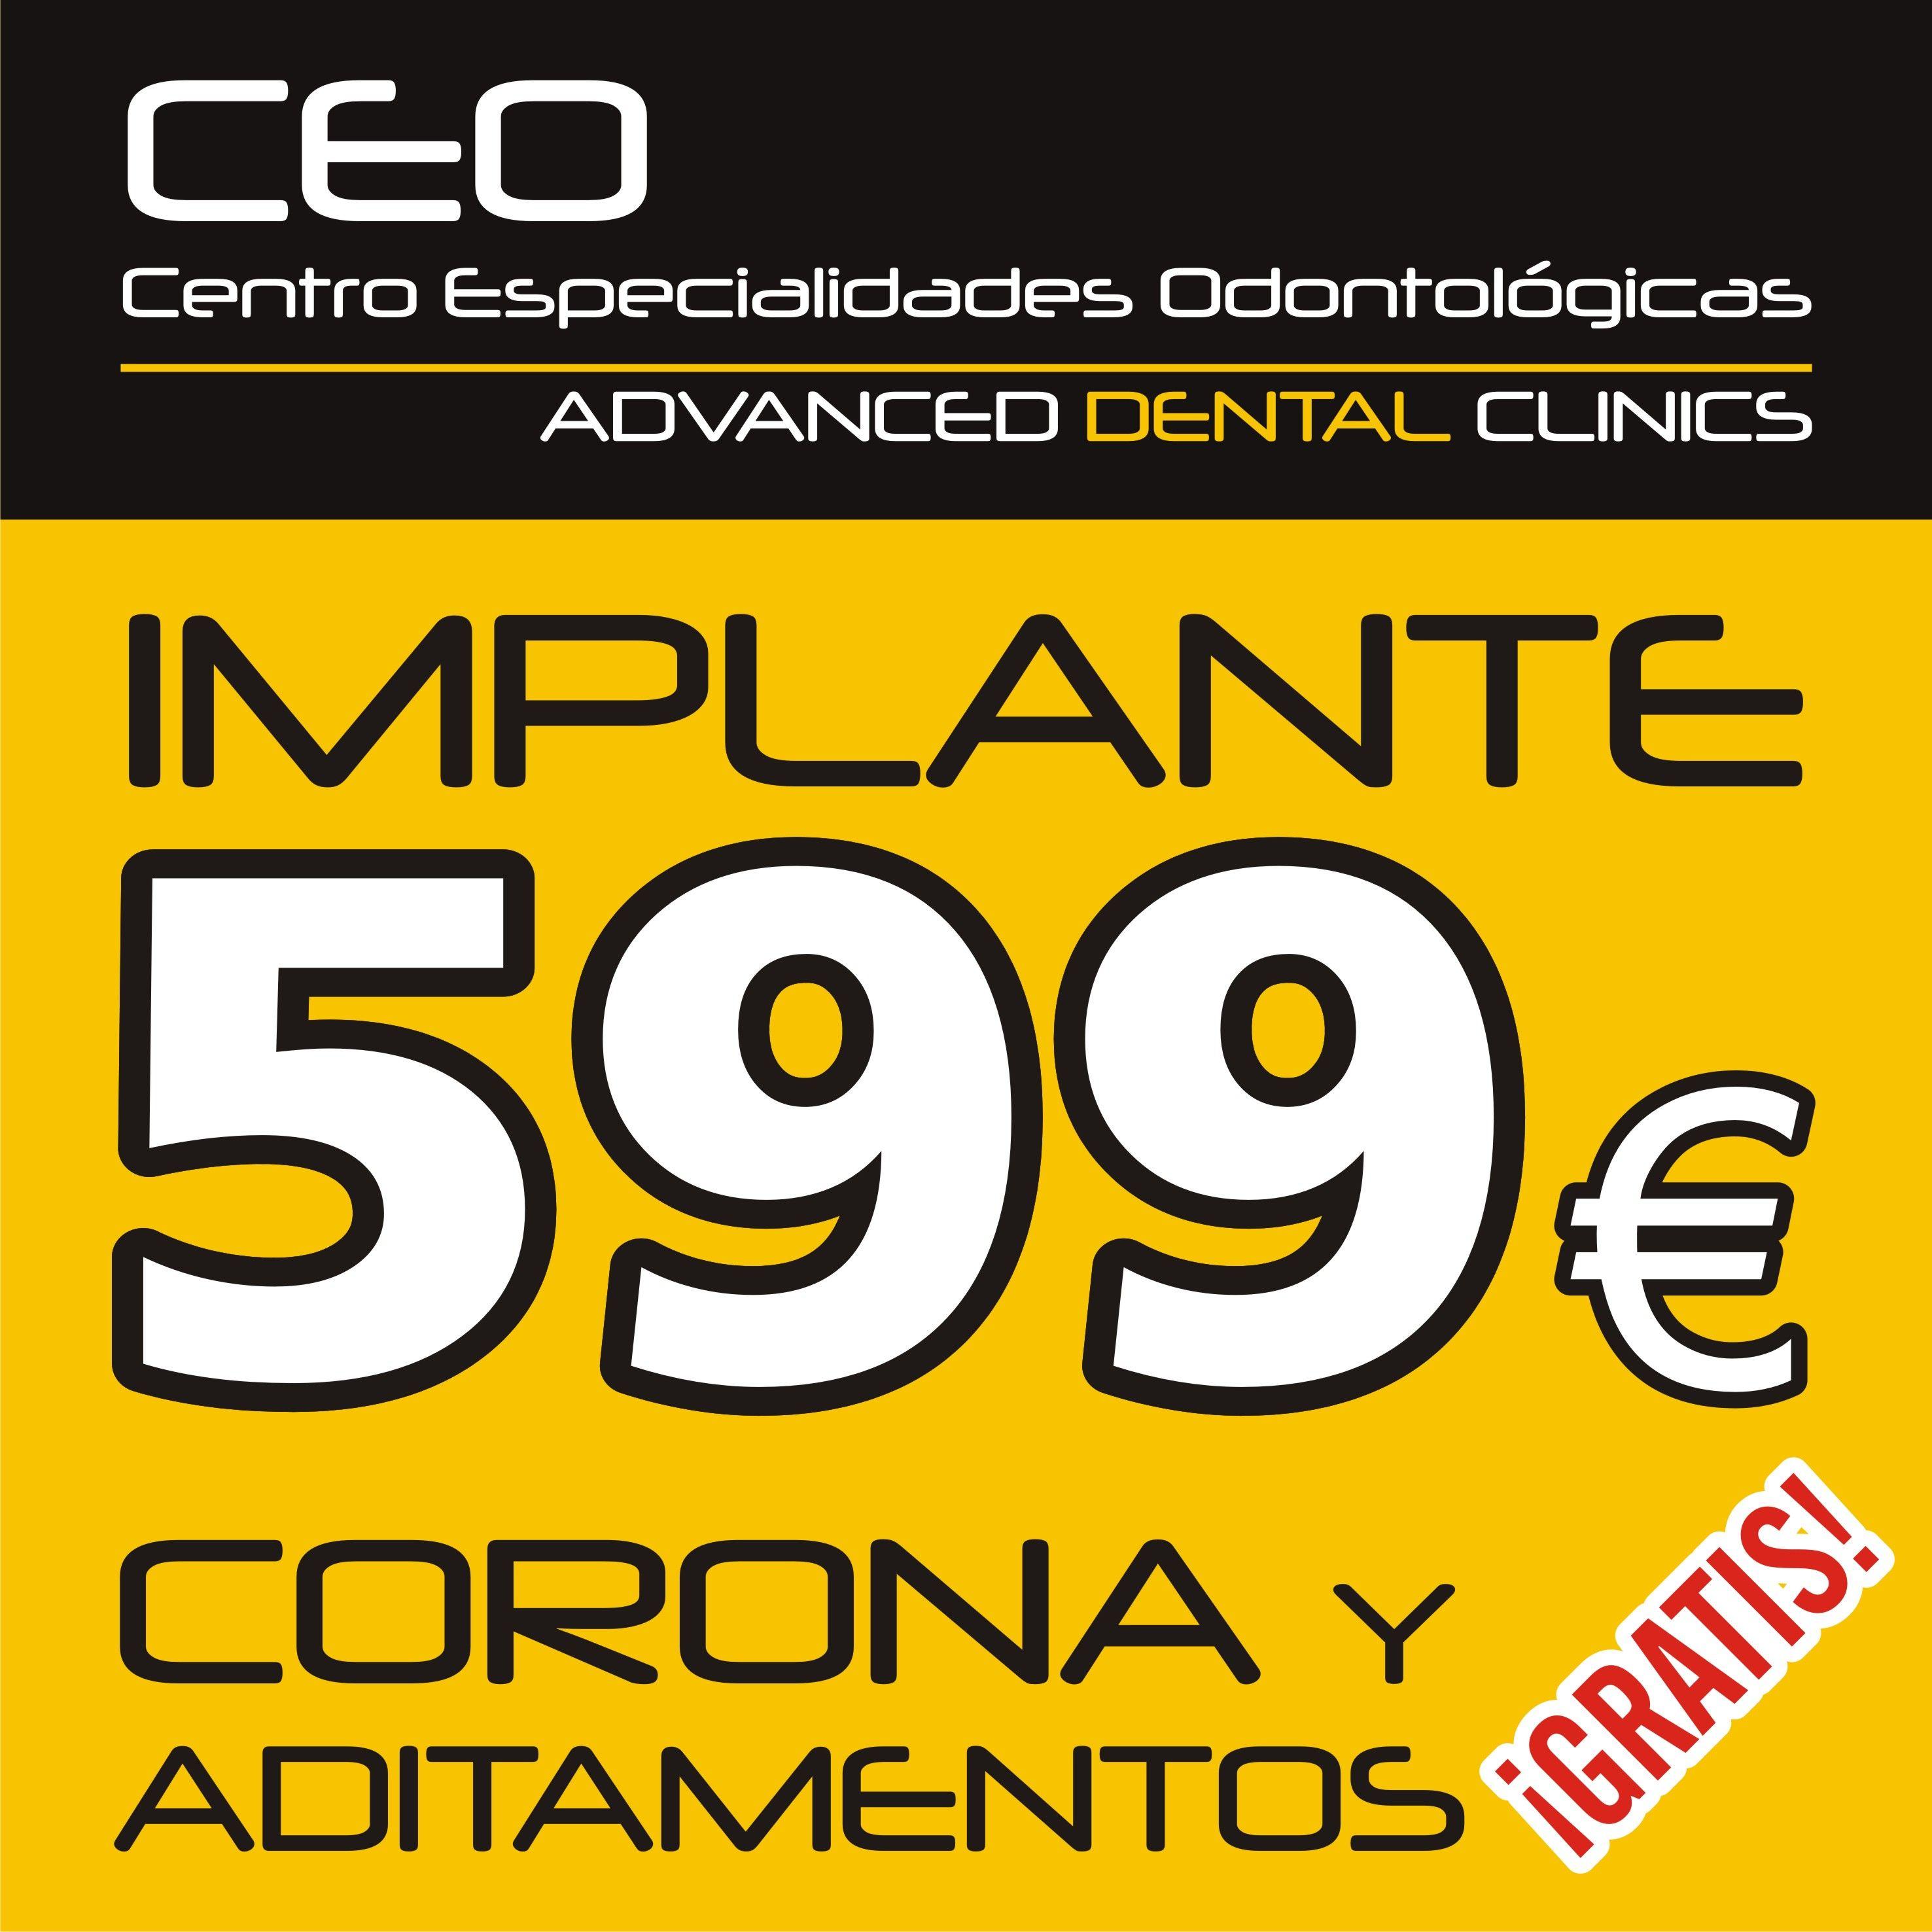 Promoción en implante más corona: Tratamientos dentales de Centro Especialidades Odontologicas